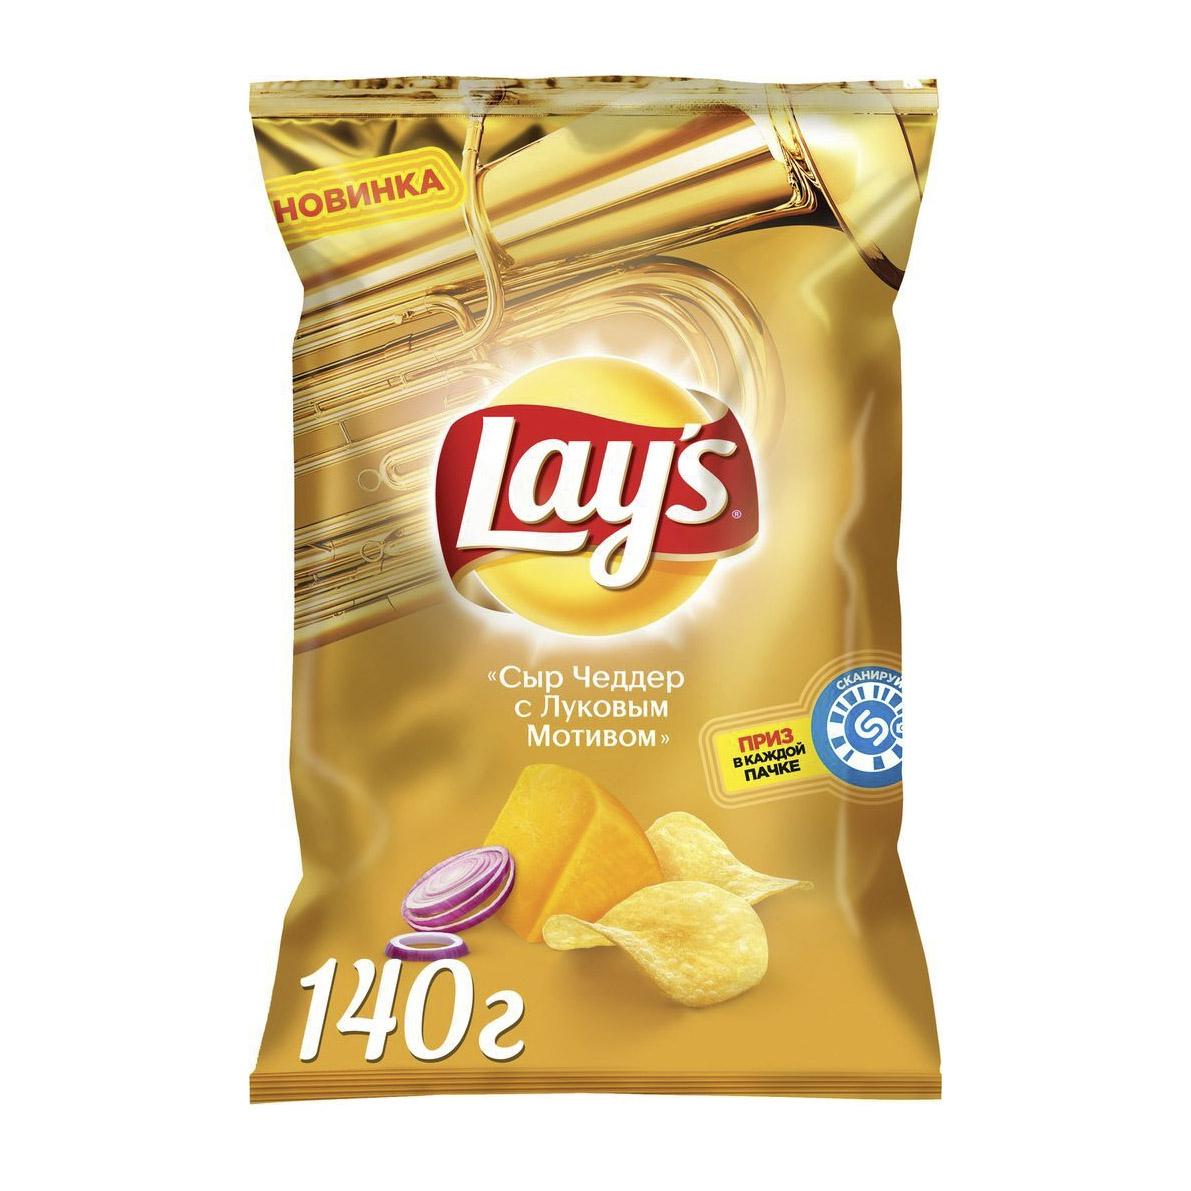 Чипсы картофельные Lays Сыр чеддер с луковым мотивом 140 г чипсы bon giorno картофельные сыр дорблю 90 г